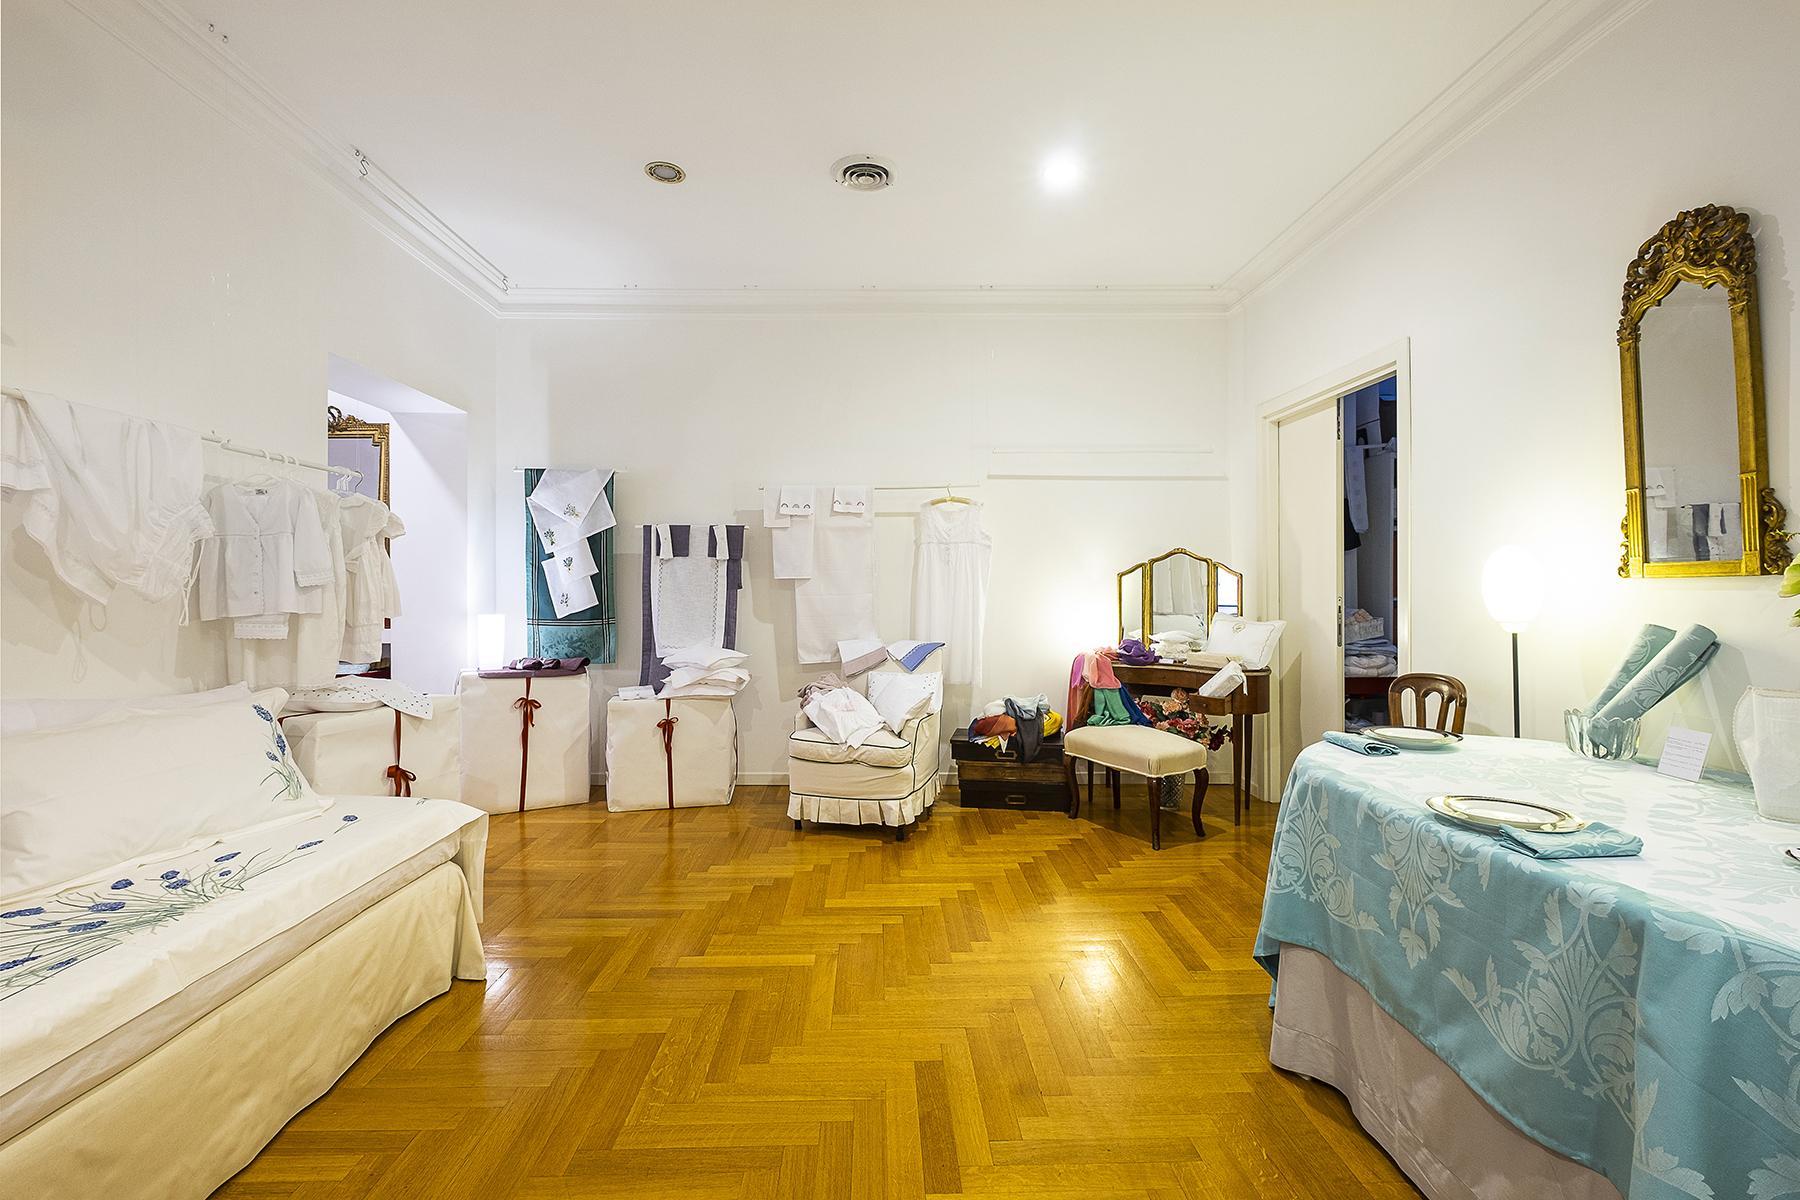 Negozio in affitto nell'esclusiva via Frattina - 9